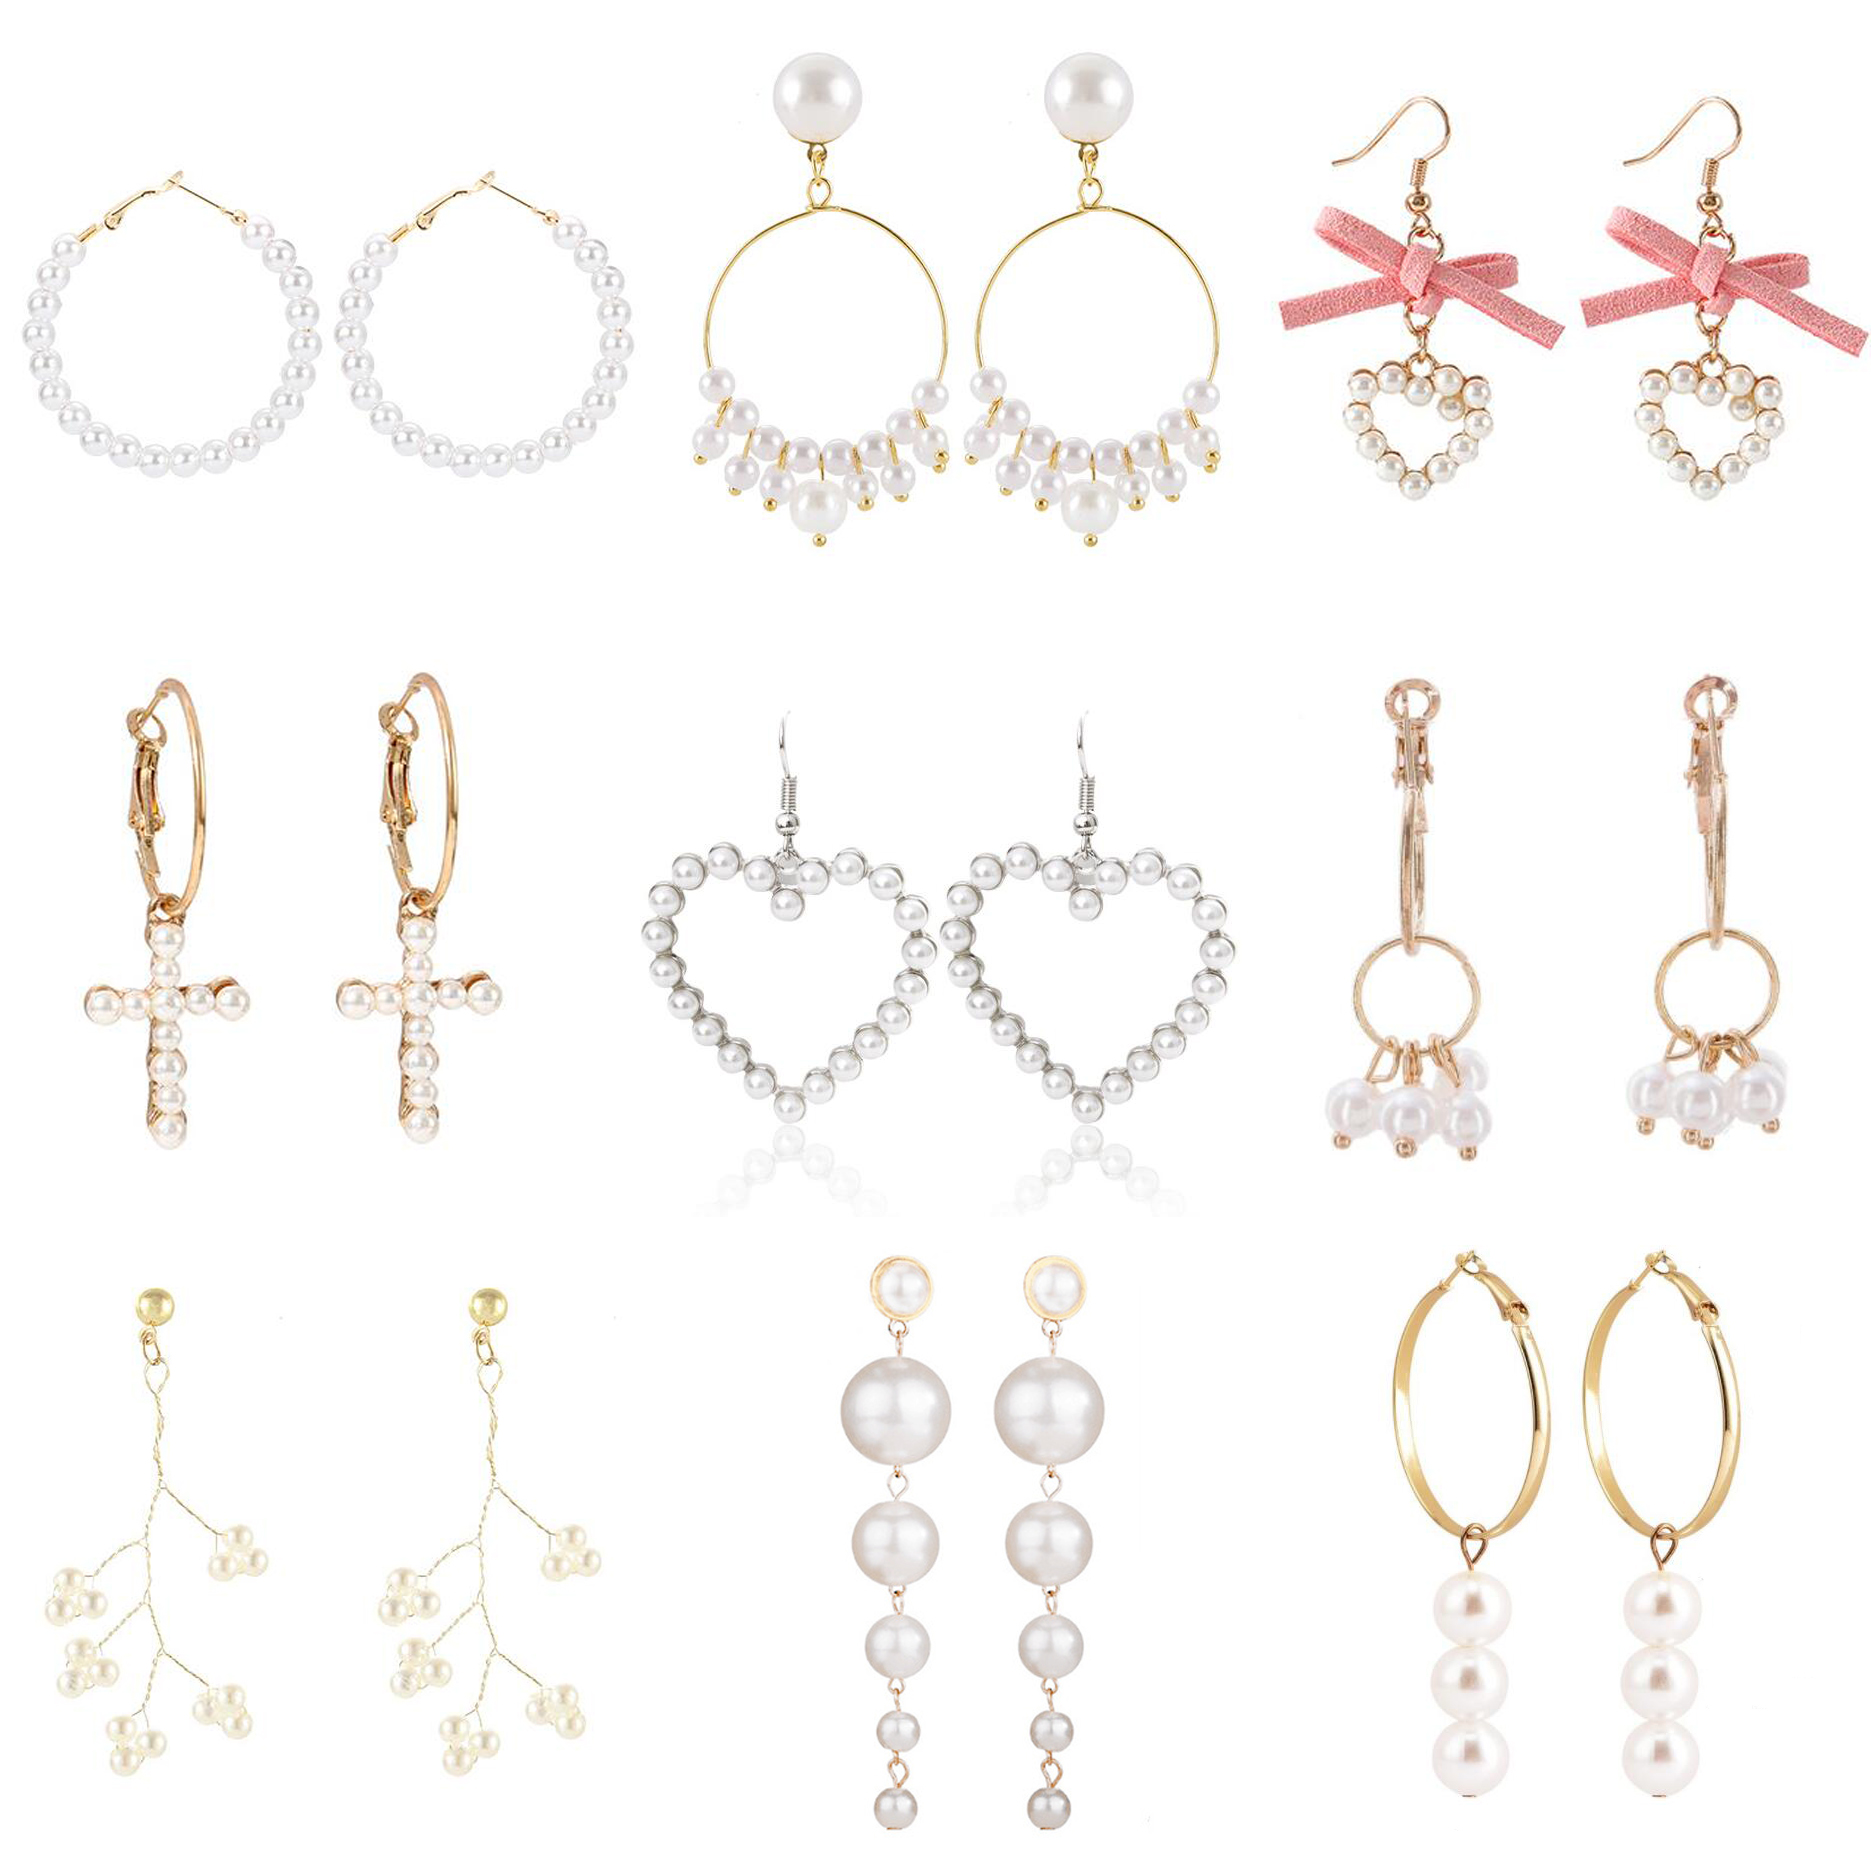 Earrings For Women Pearl Heart Cross Tree Flower Tassel Gold Silver Girls Fashion Gift Glamour Sexy Bow Drop Dangle Earrings